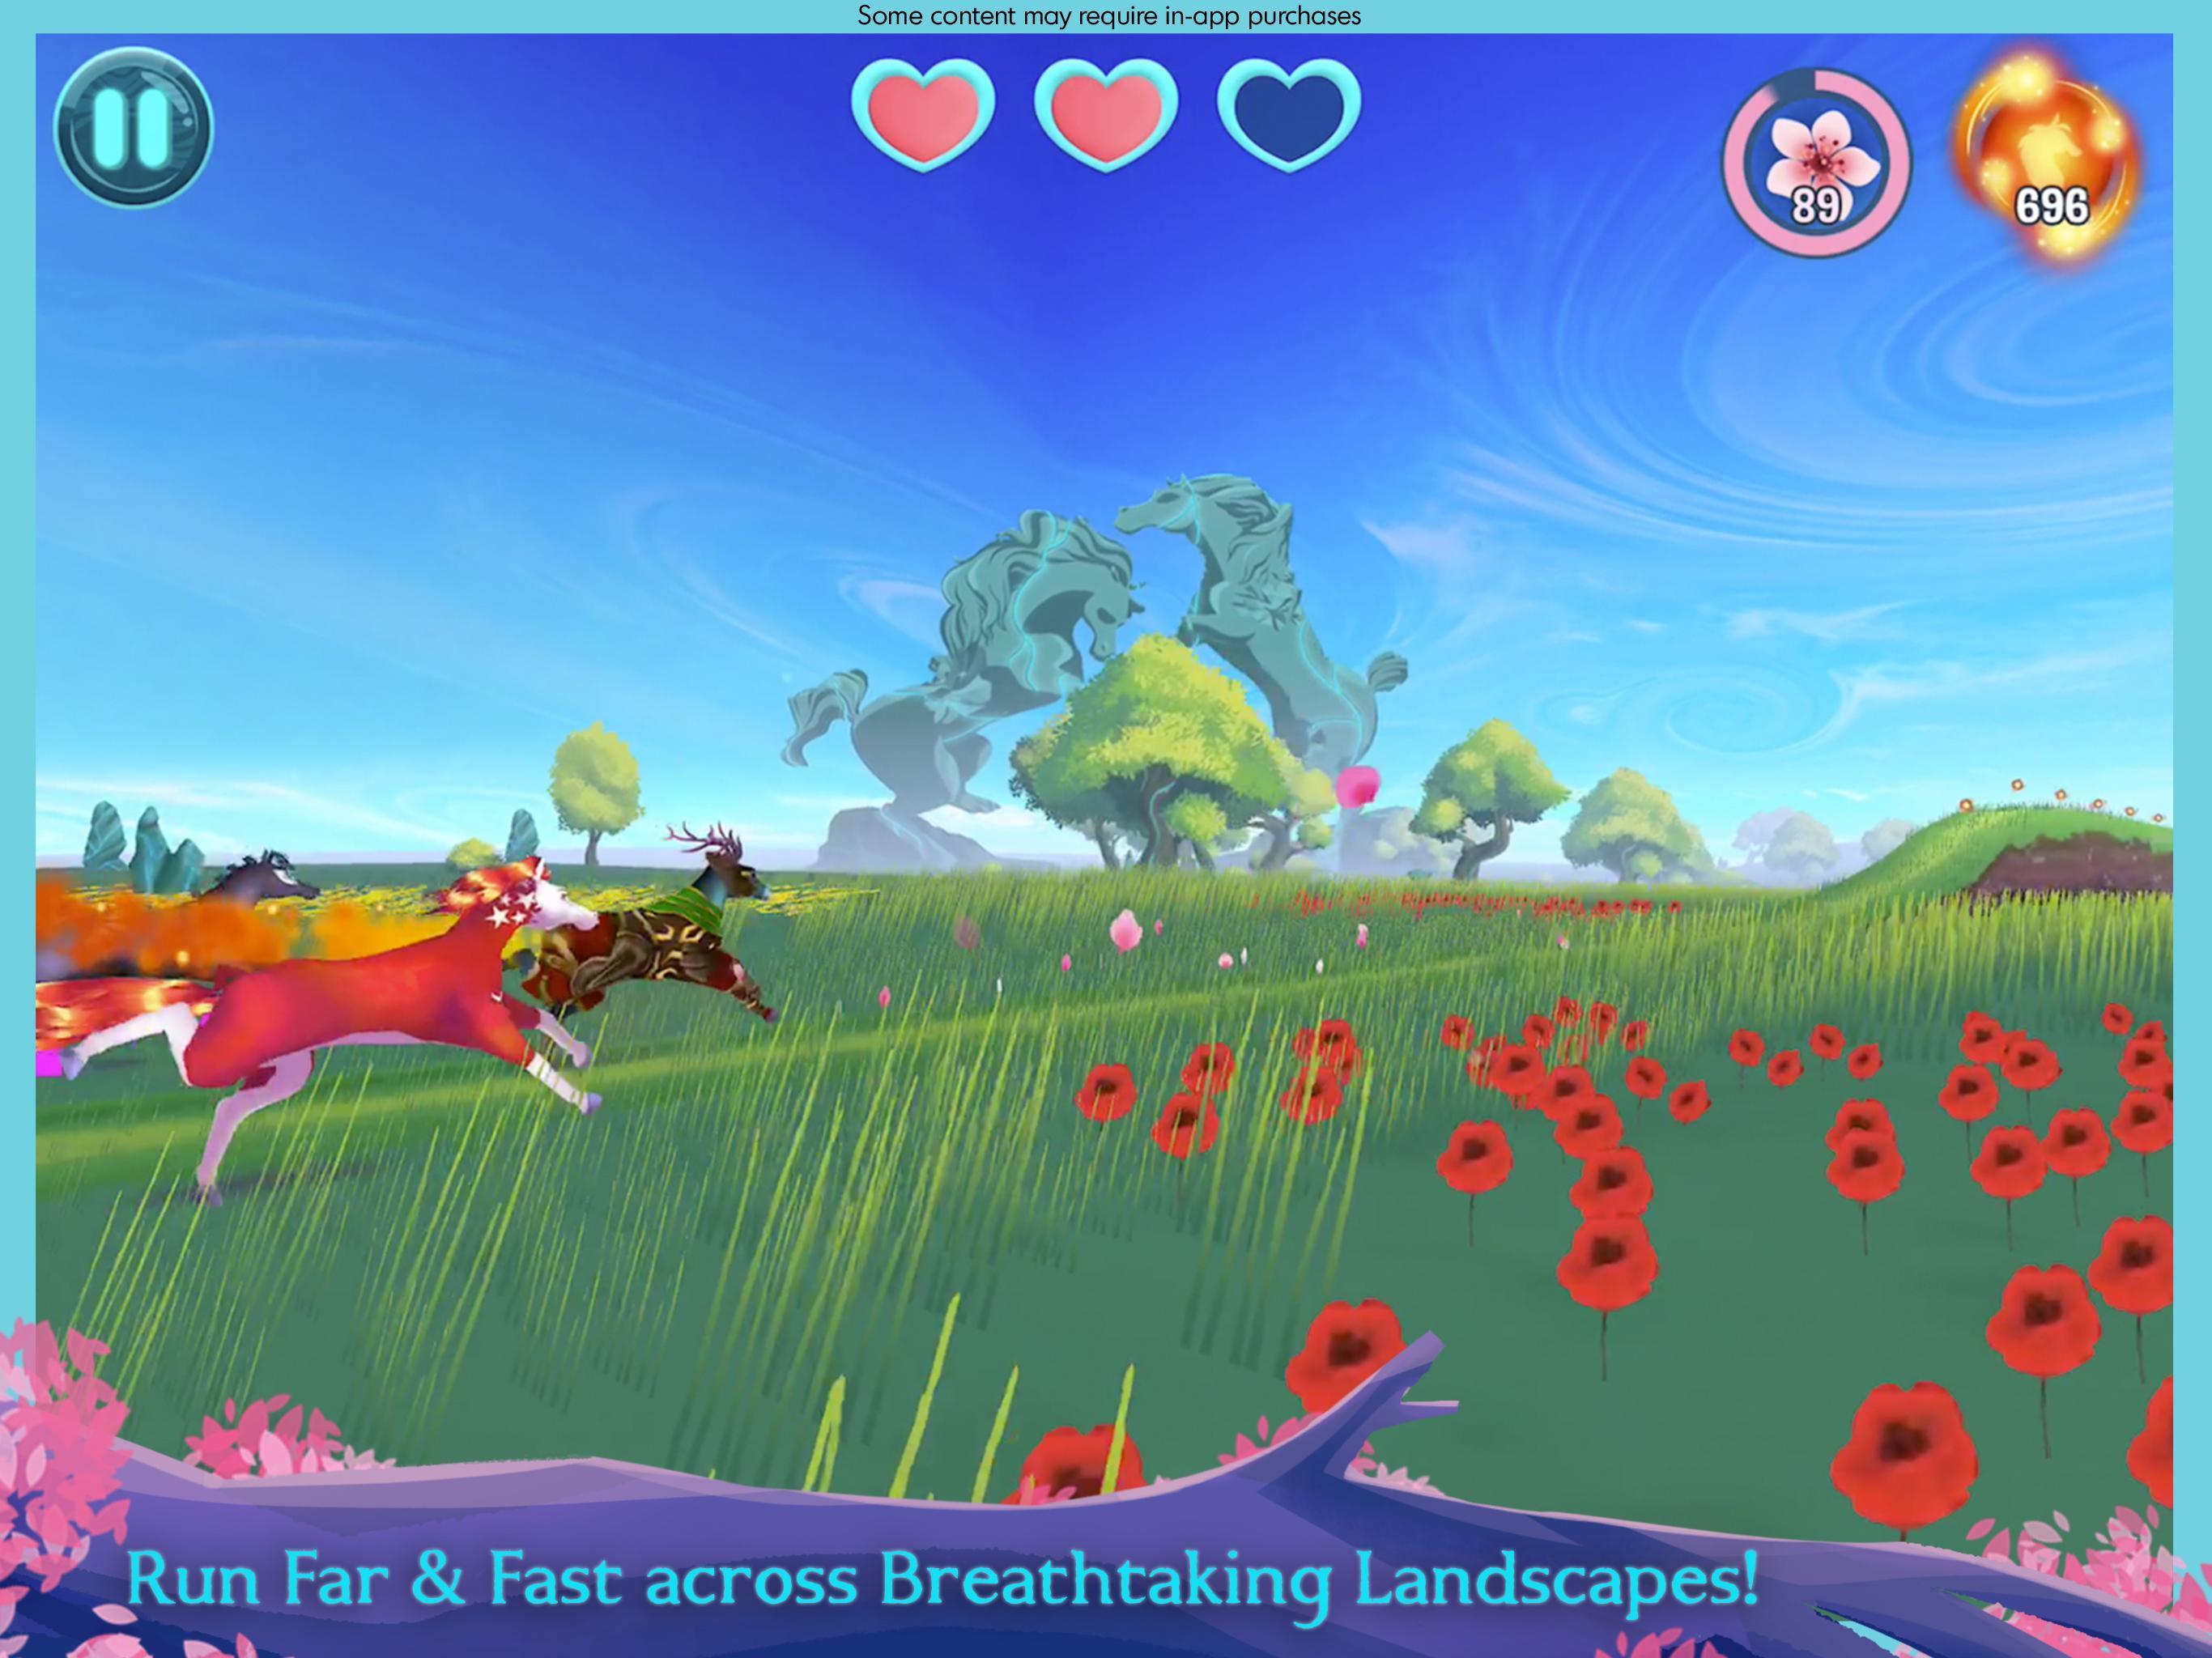 EverRun The Horse Guardians - Epic Endless Runner 2.3 Screenshot 11